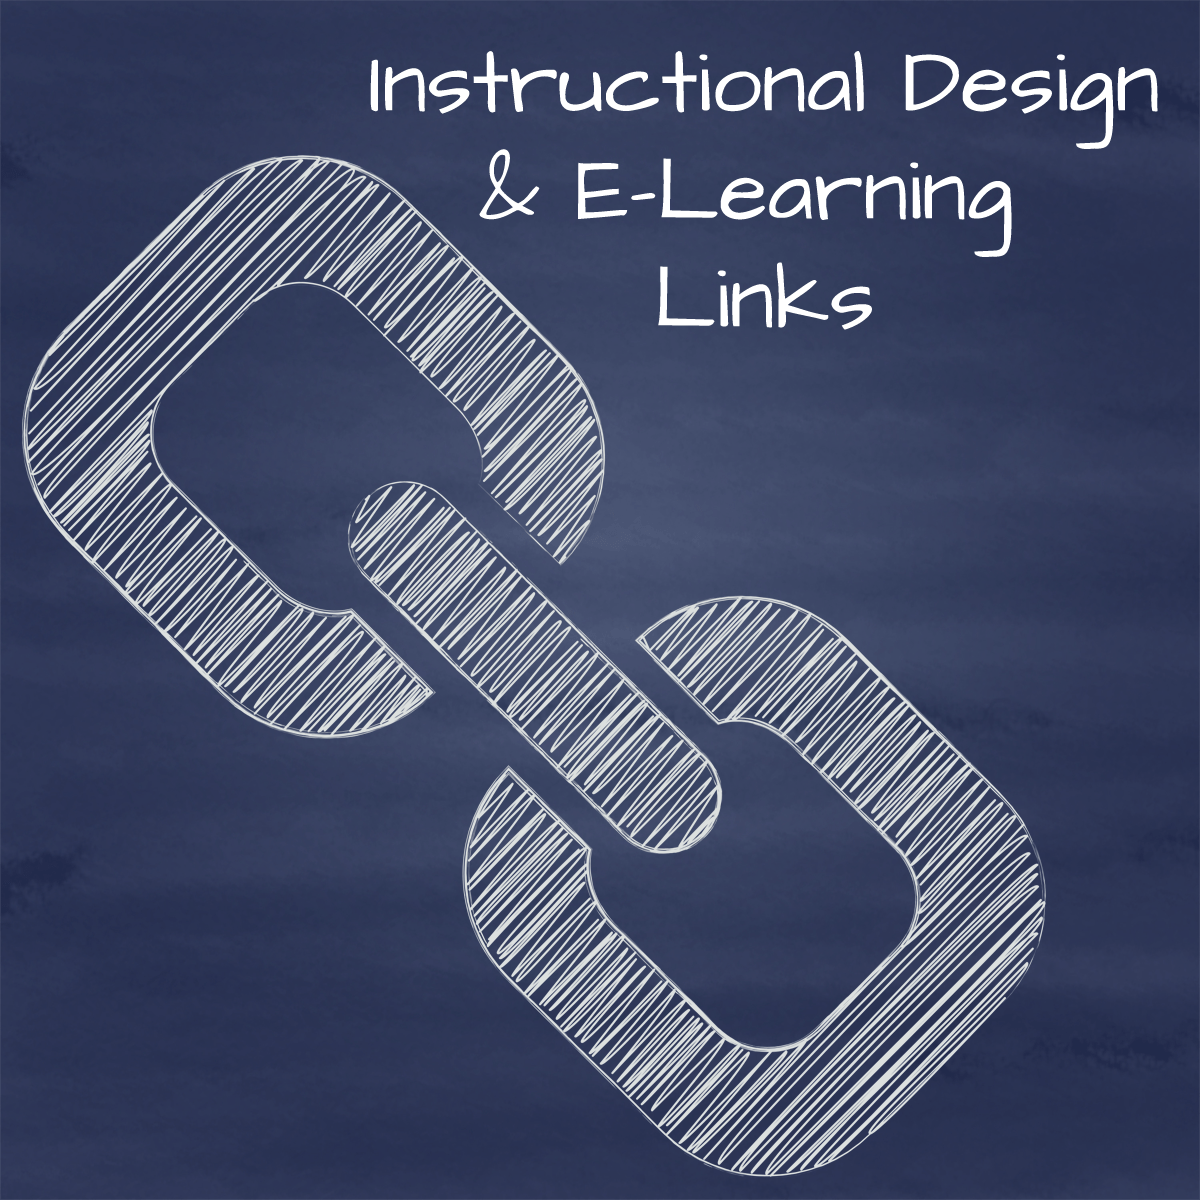 Instructional Design & E-Learning Links